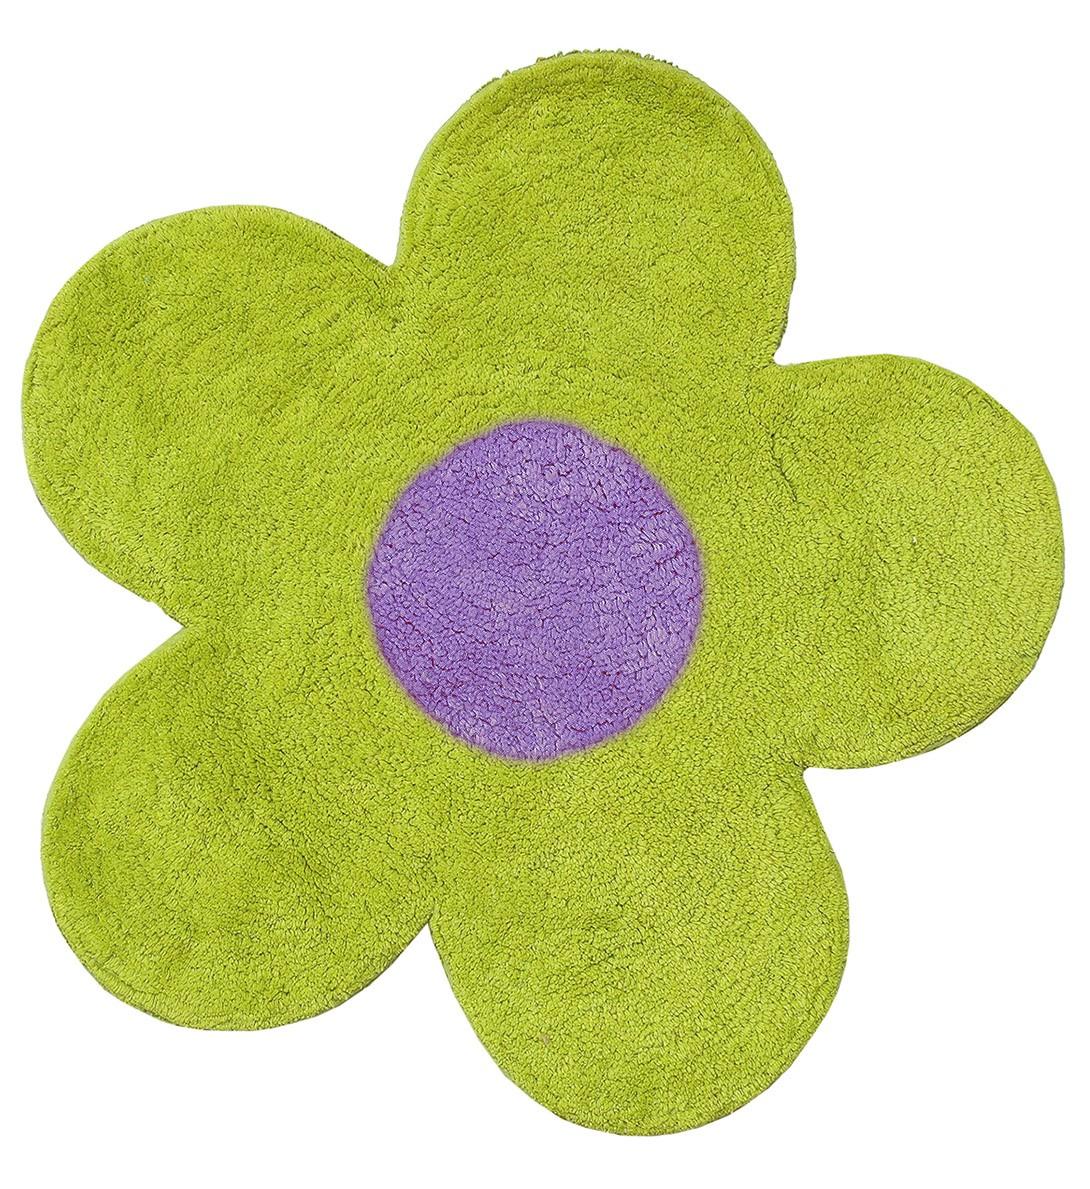 Πατάκι Μπάνιου San Lorentzo DBL Face Daisy Lime/Purple